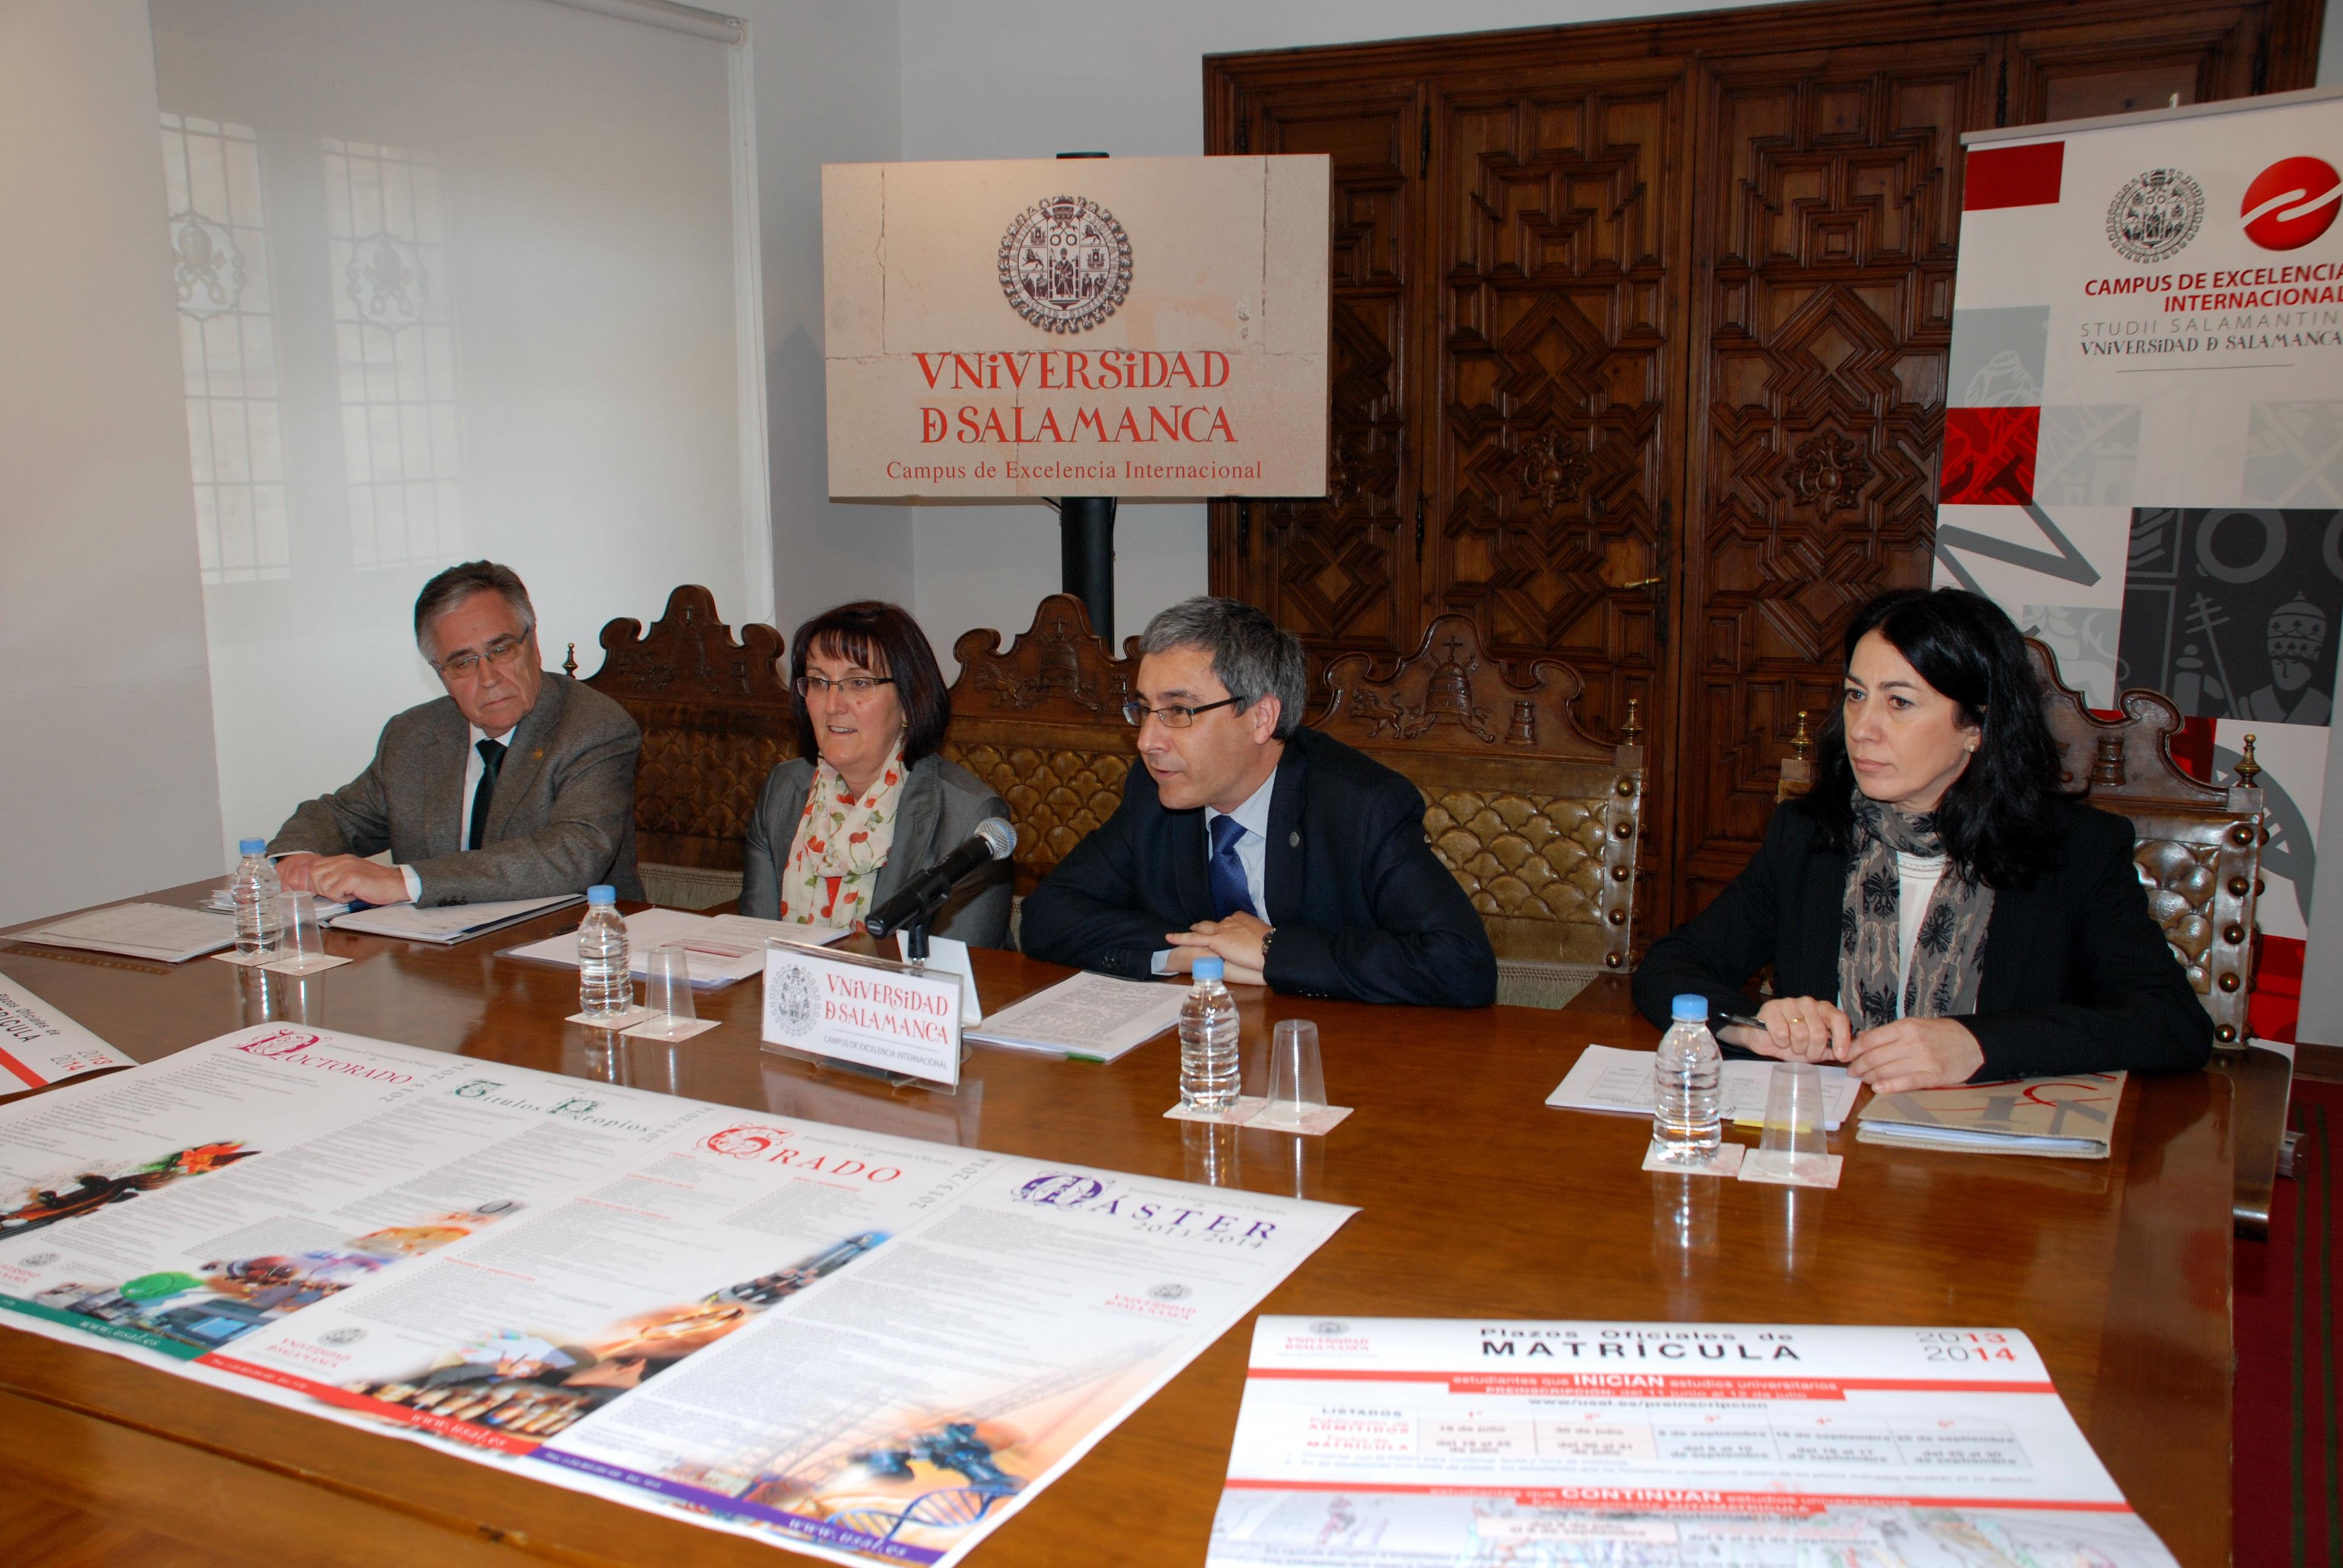 La Universidad de Salamanca afronta el proceso de preinscripción con una oferta integral y dirigida a la inserción profesional